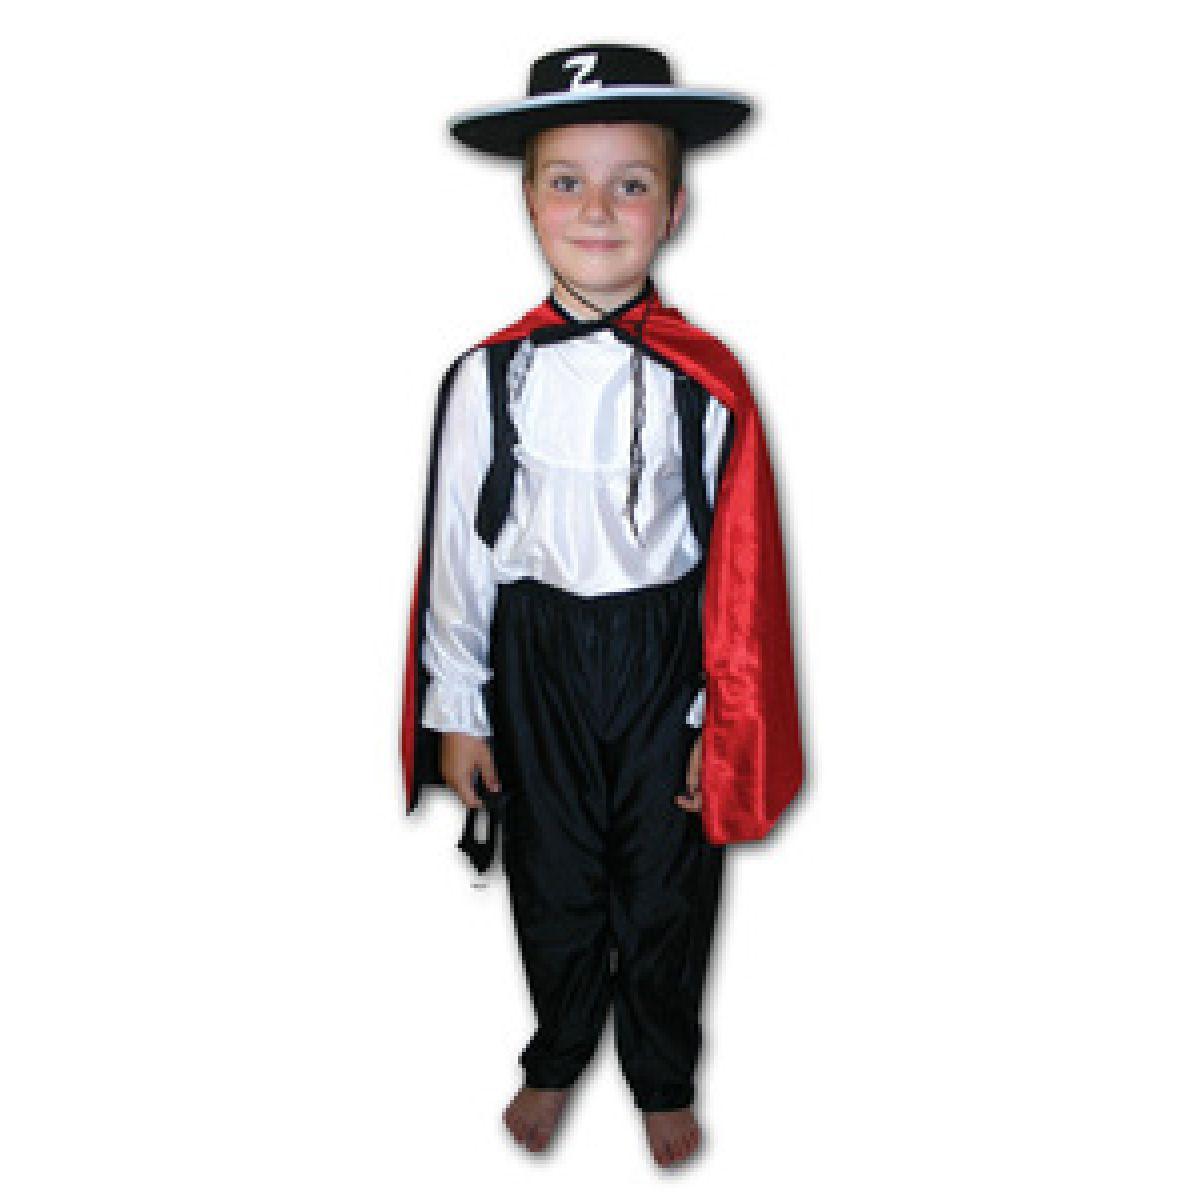 Rappa Kostým Zorro vel. S,M - Vel. S